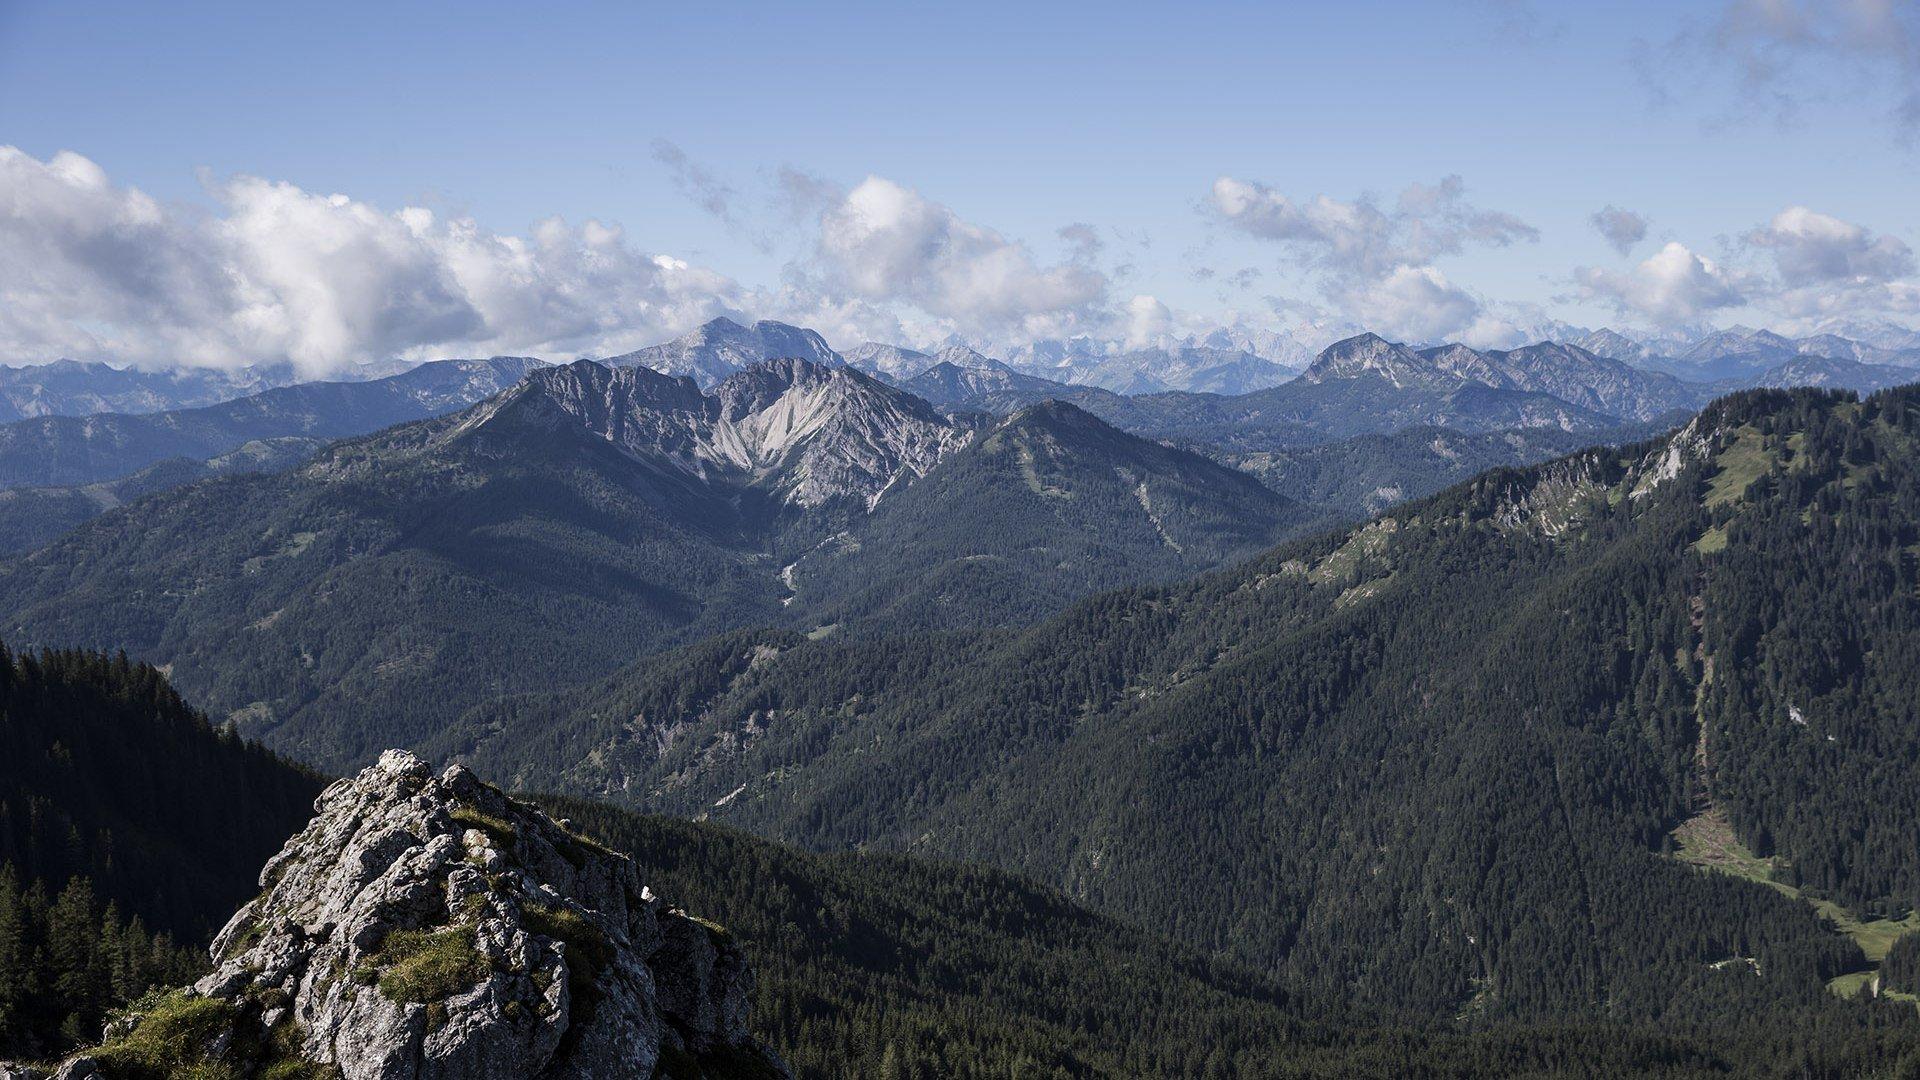 Traumkulisse Mangfallgebirge rund um Schliersee und Tegernsee, © Hansi Heckmair